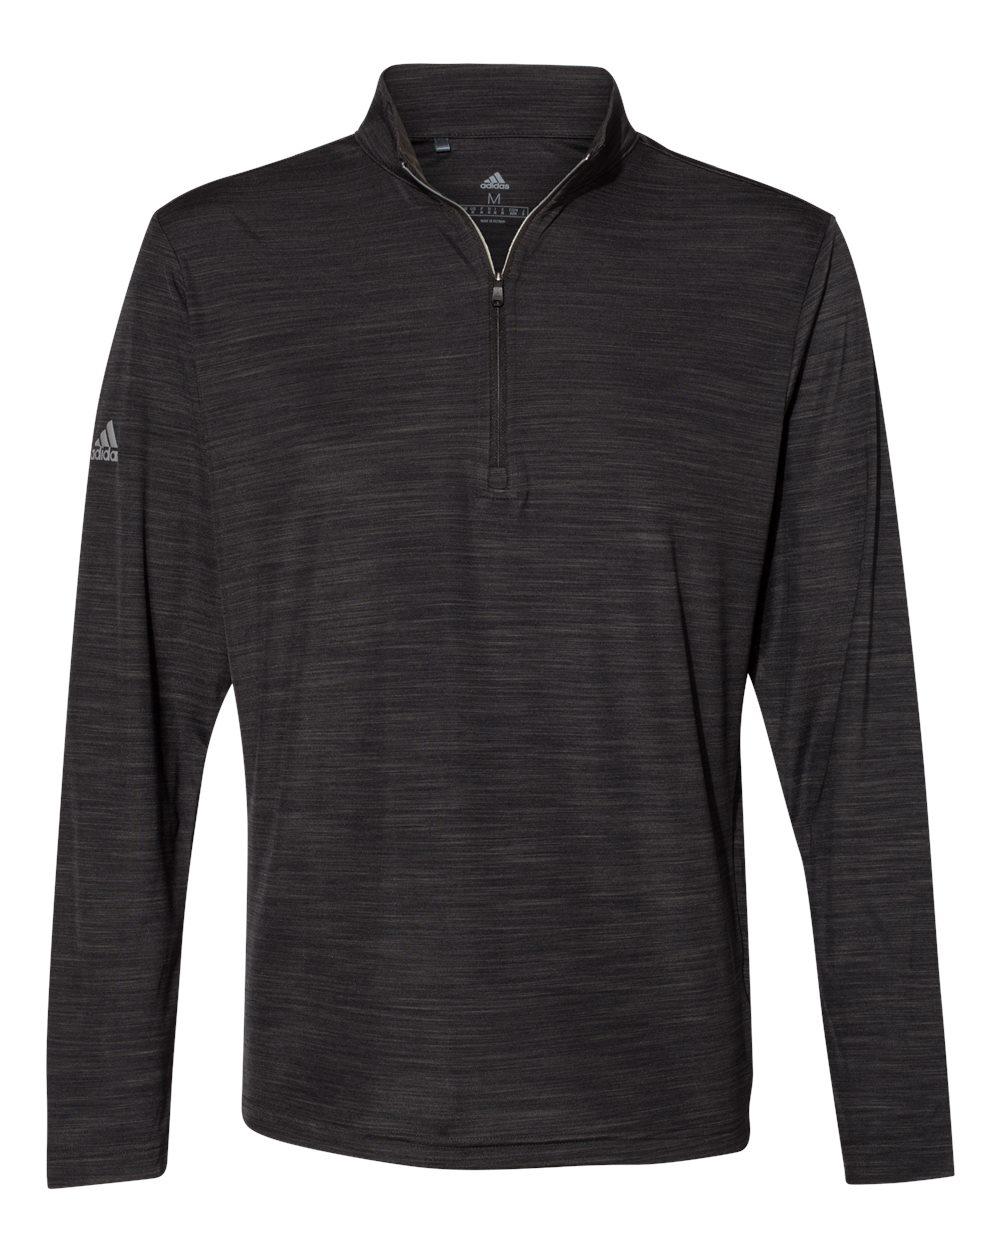 Adidas A475 - Lightweight Melange Quarter-Zip Pullover